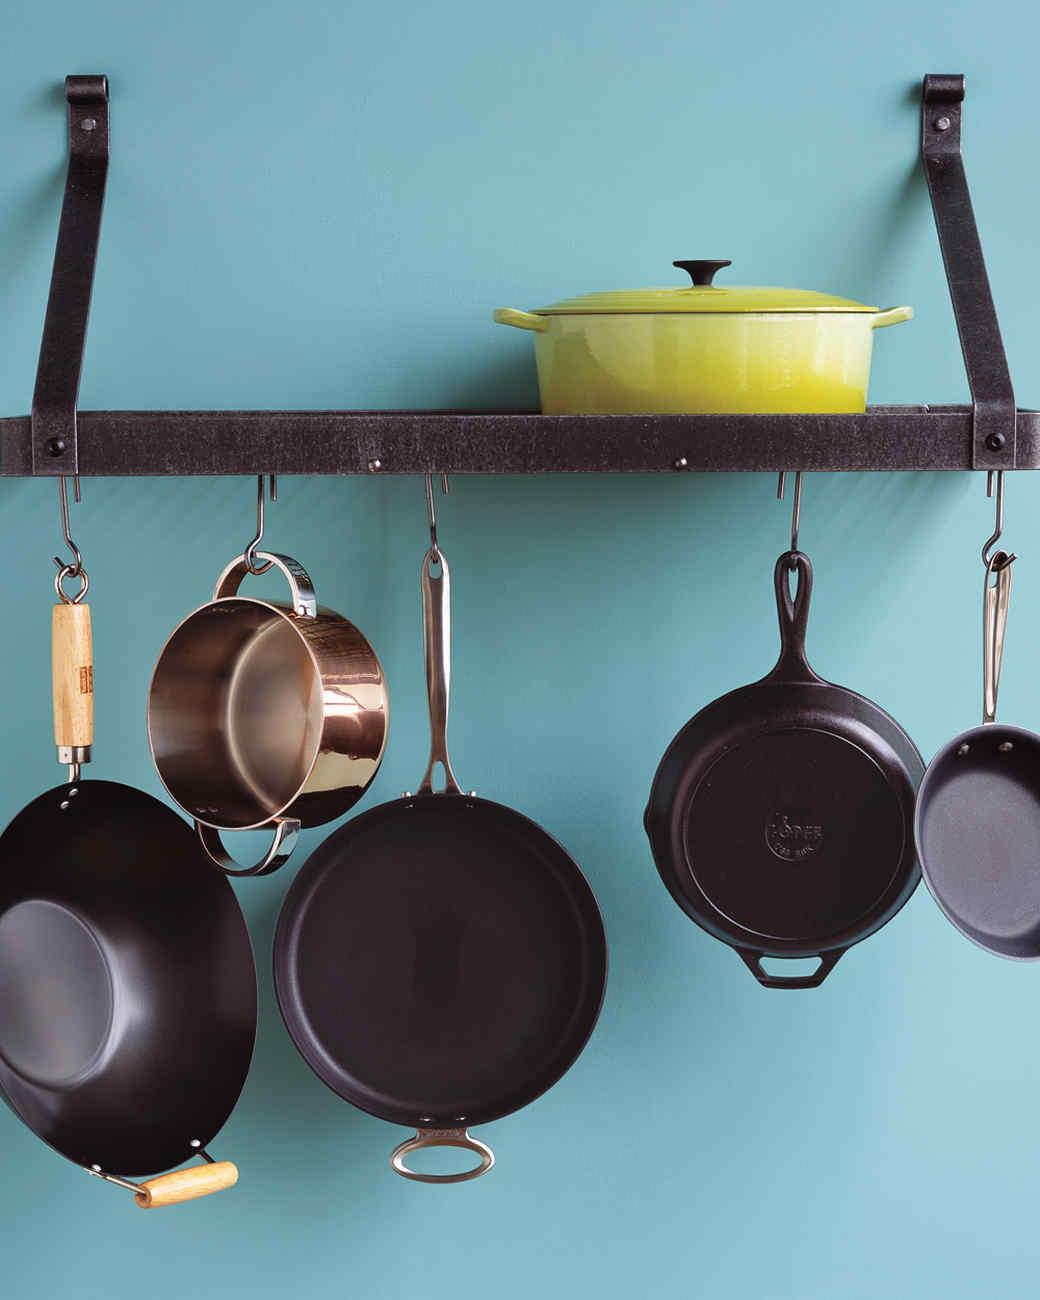 mb_0907_cookware.jpg